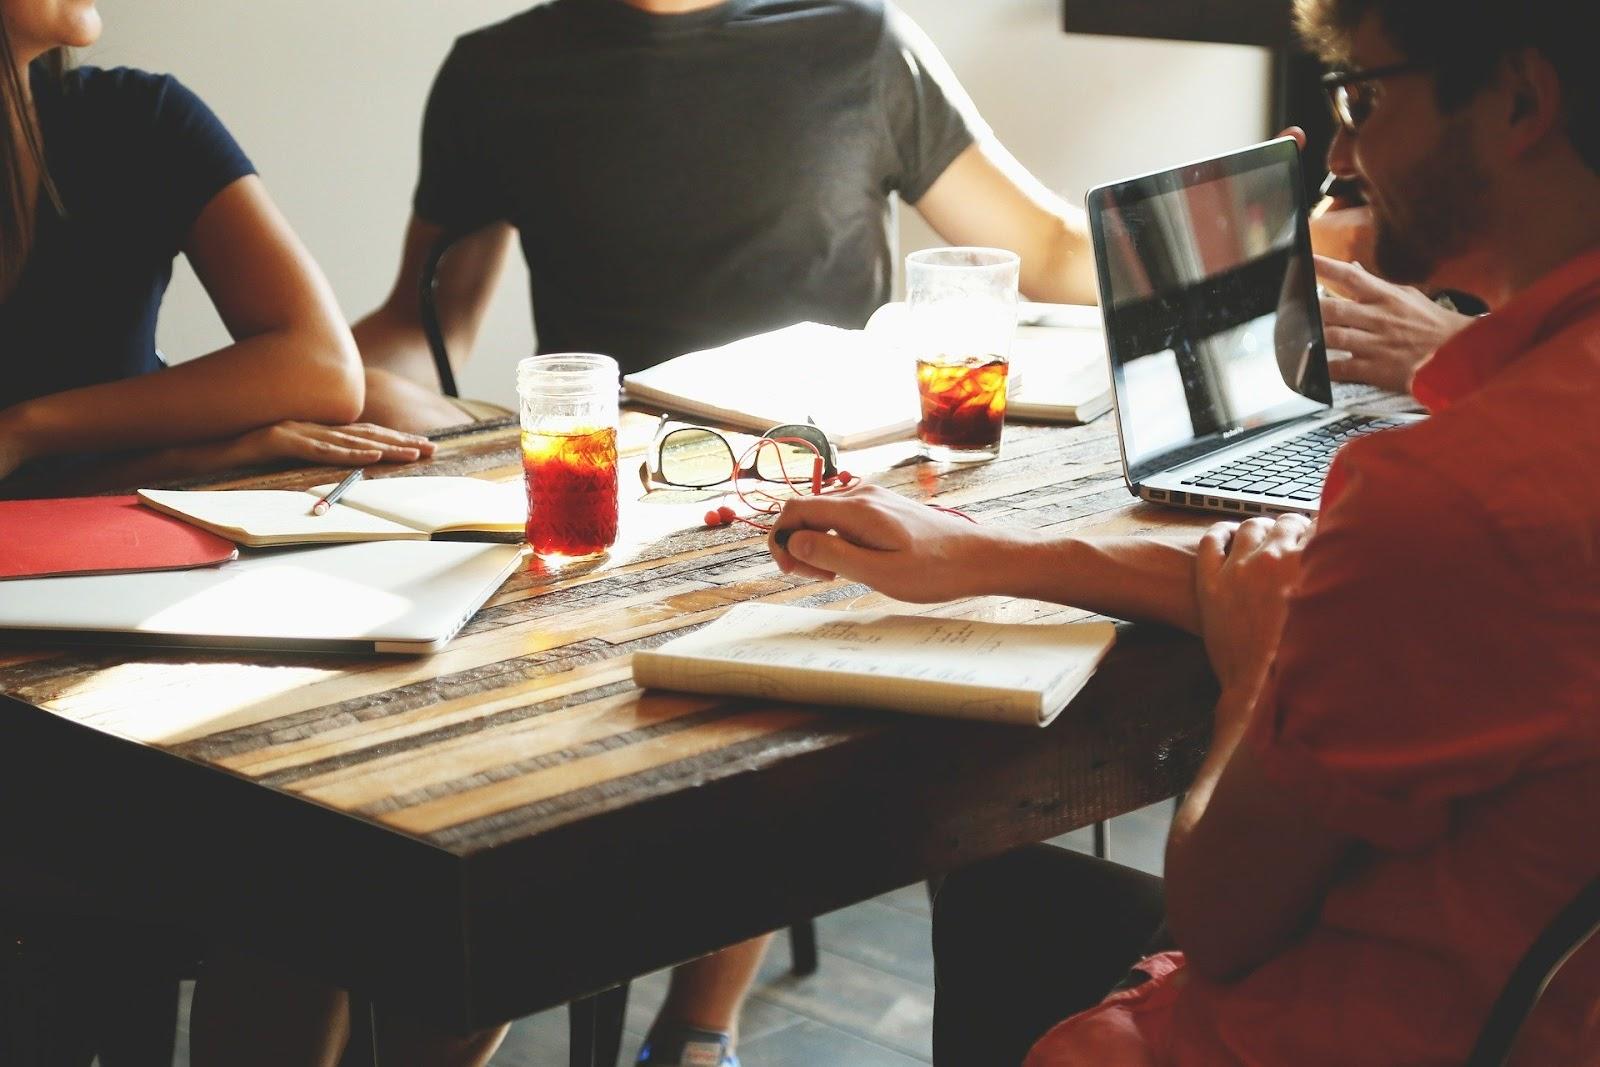 Integração entre equipes de desenvolvimento e infraestrutura é um dos princípios da cultura DevOps. (Fonte: Pixabay)